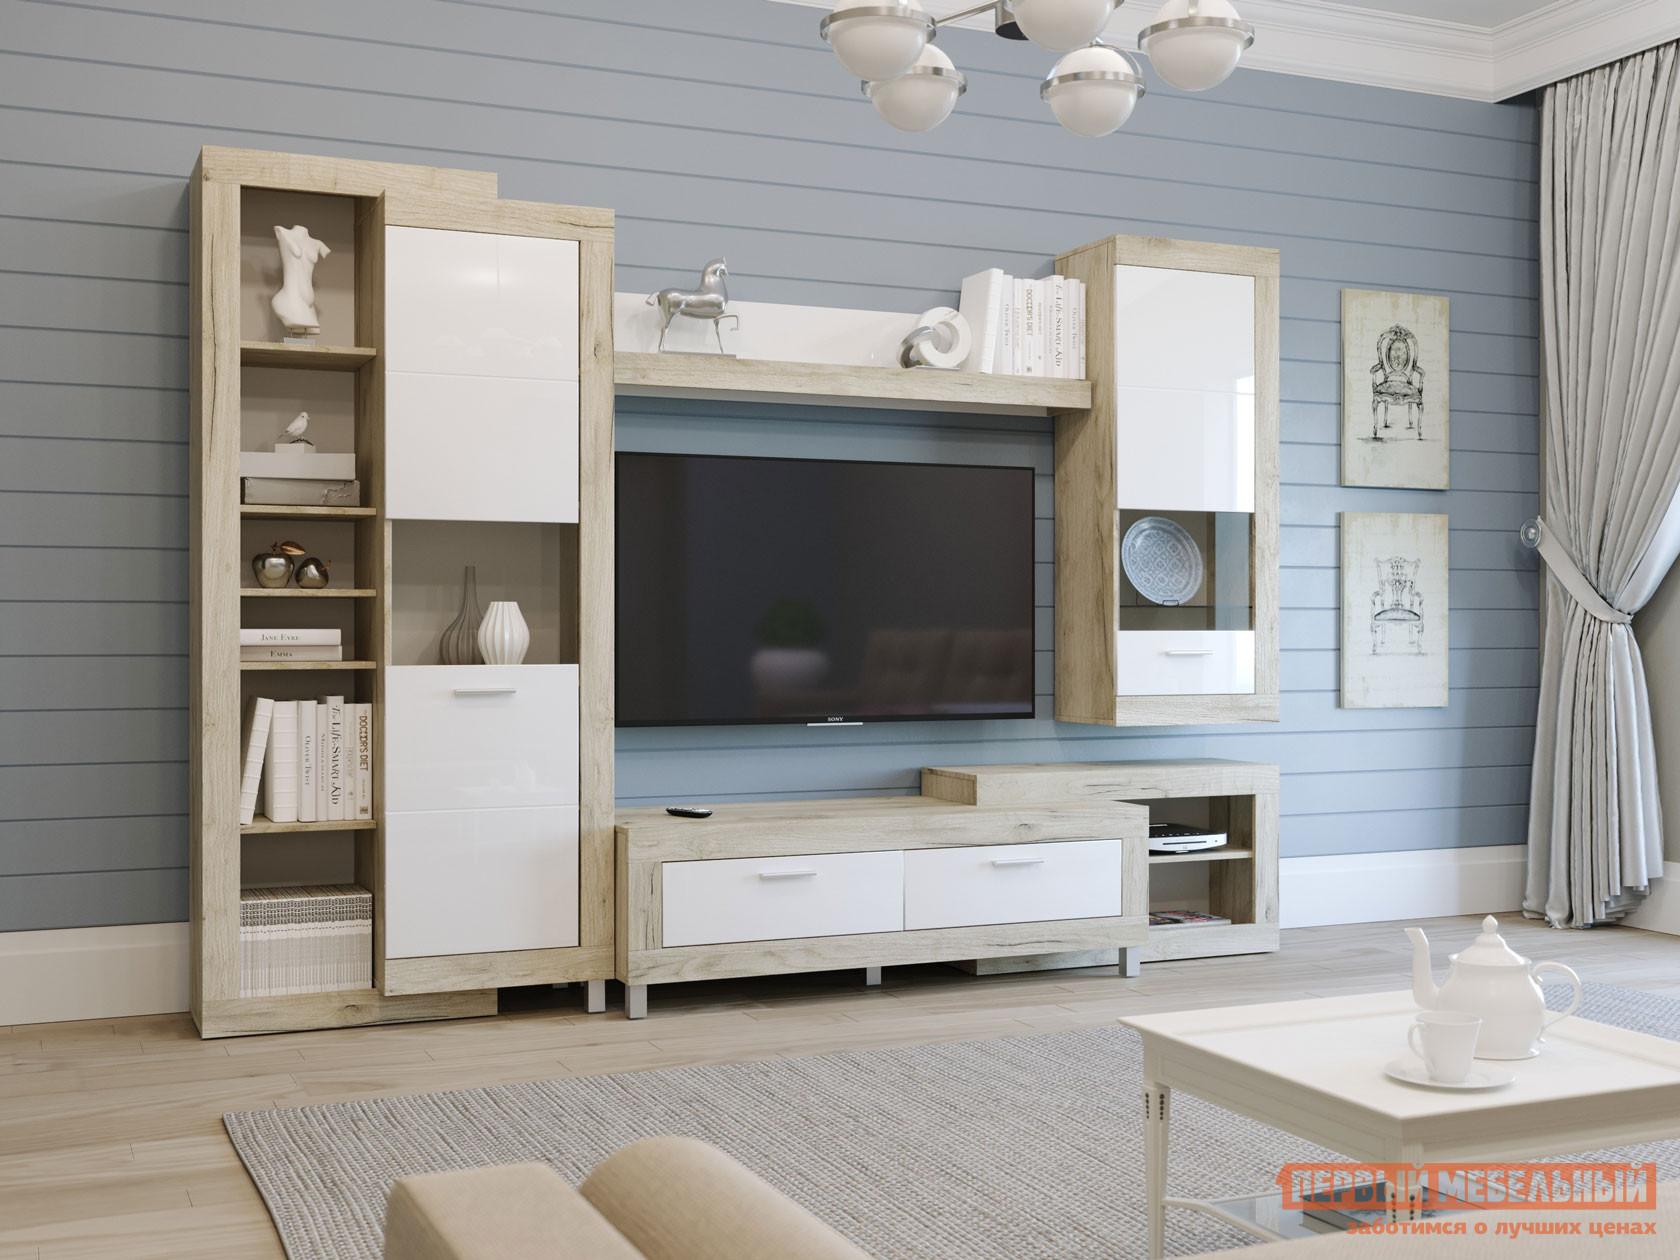 Гостиная НК-Мебель Гостиная Генезис К2 спальный гарнитур нк мебель комплект мебели для спальни тиберия к2